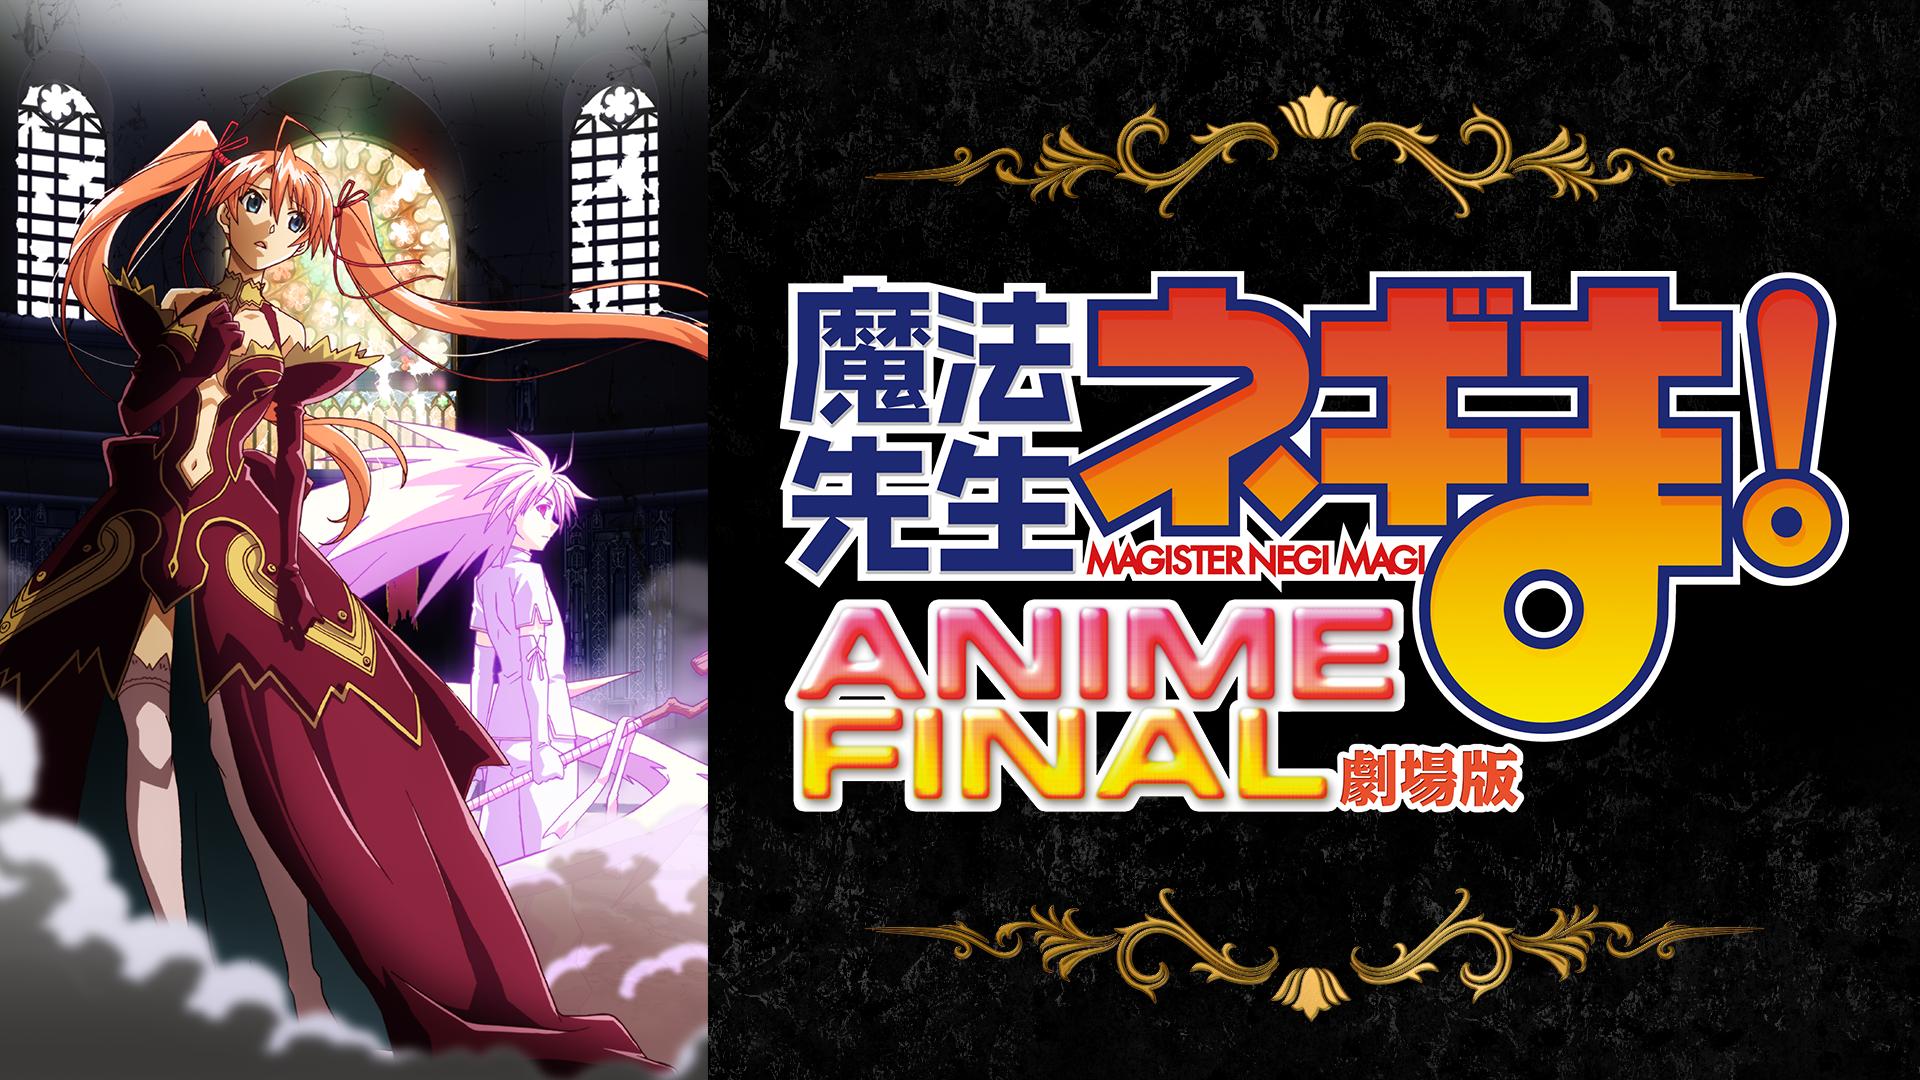 劇場版 魔法先生ネギま! ANIME FINAL(dアニメストア)